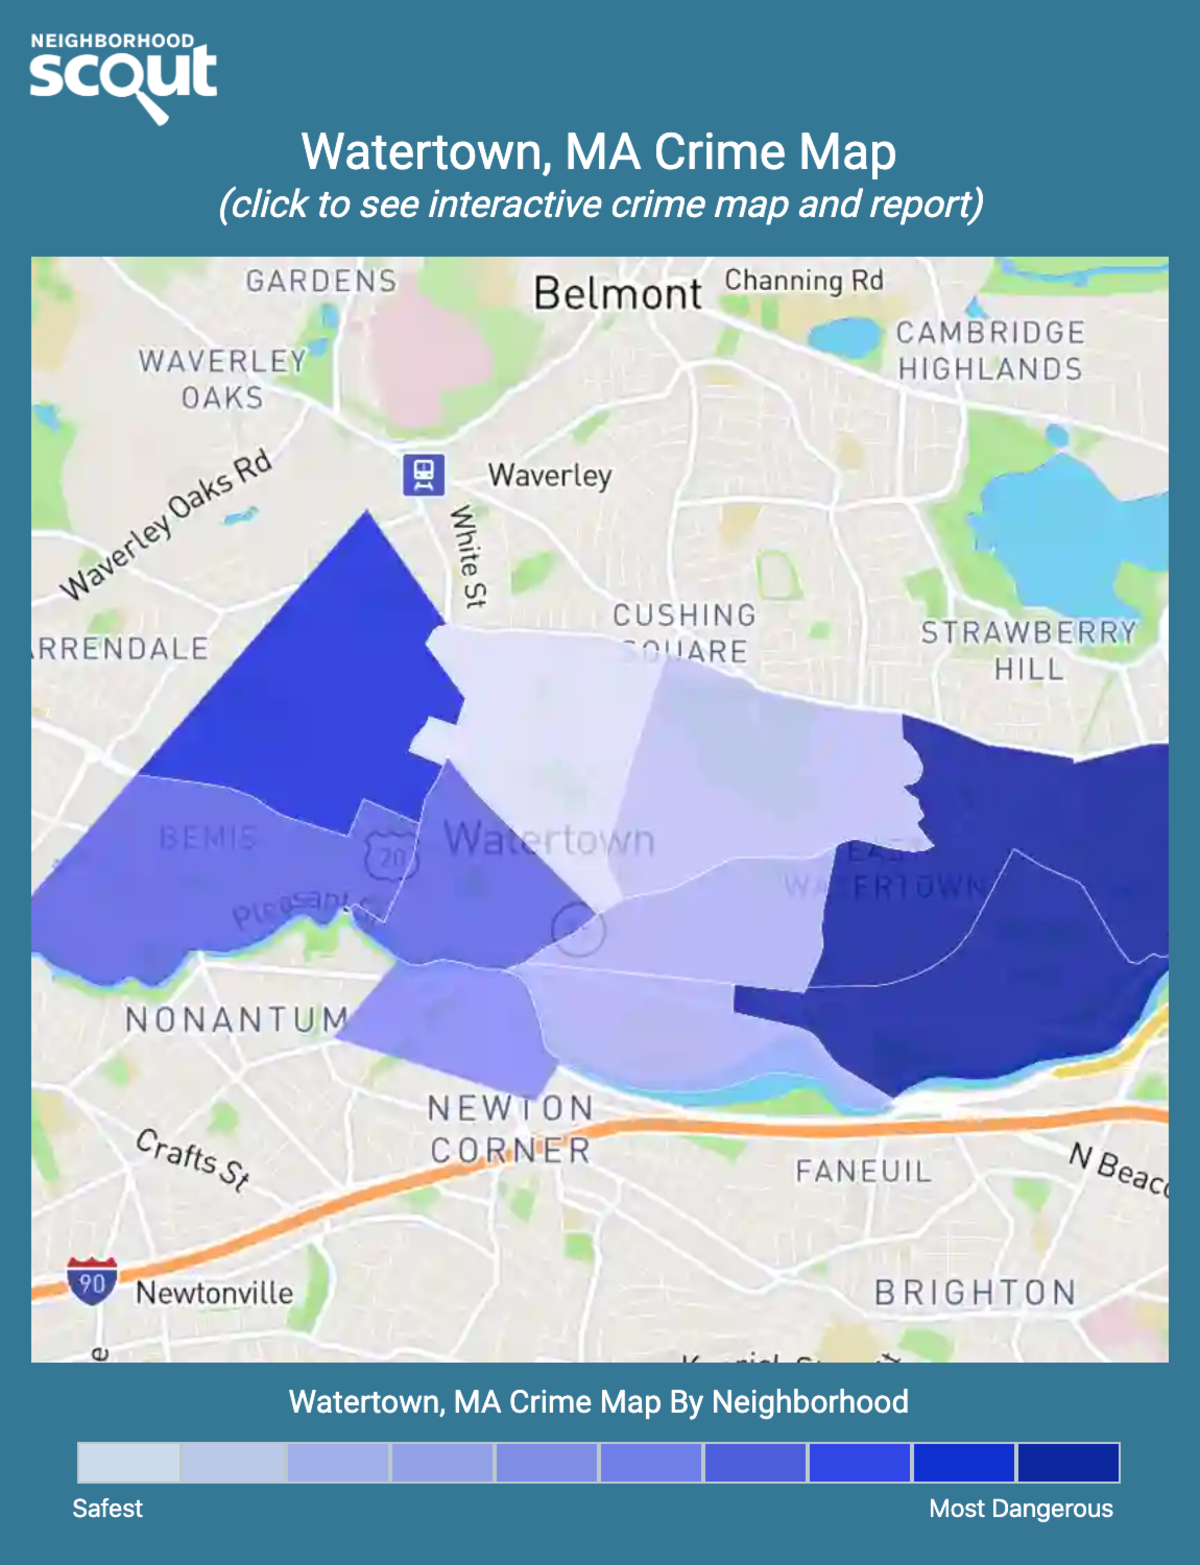 Watertown, Massachusetts crime map